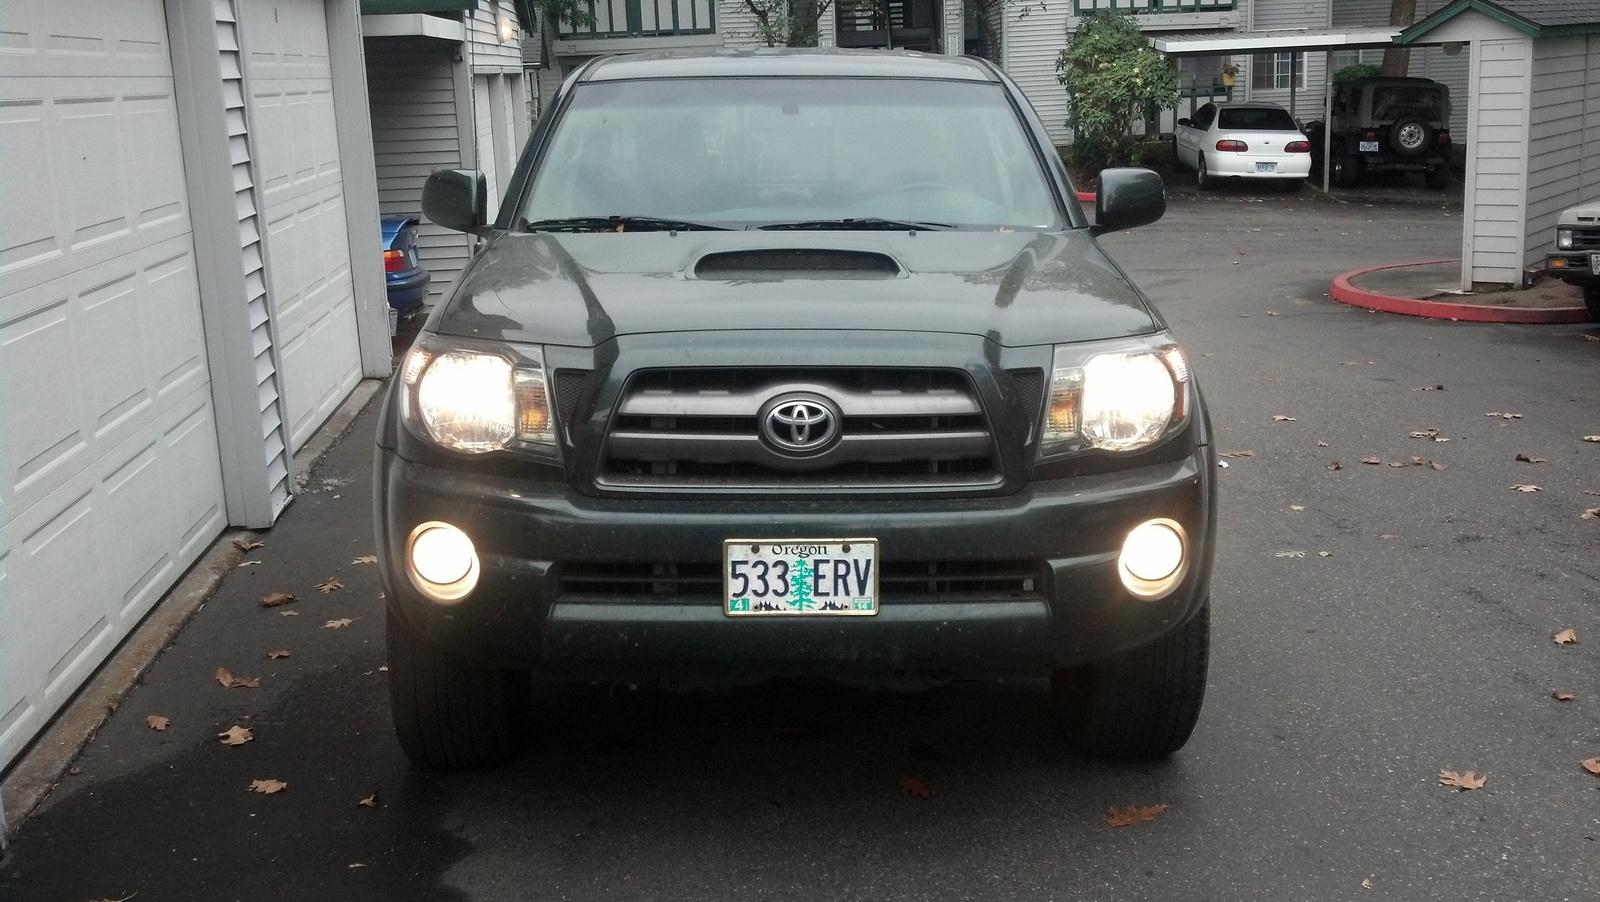 2010 Toyota Tacoma Access Cab - Picture of 2010 Toyota Tacoma ...